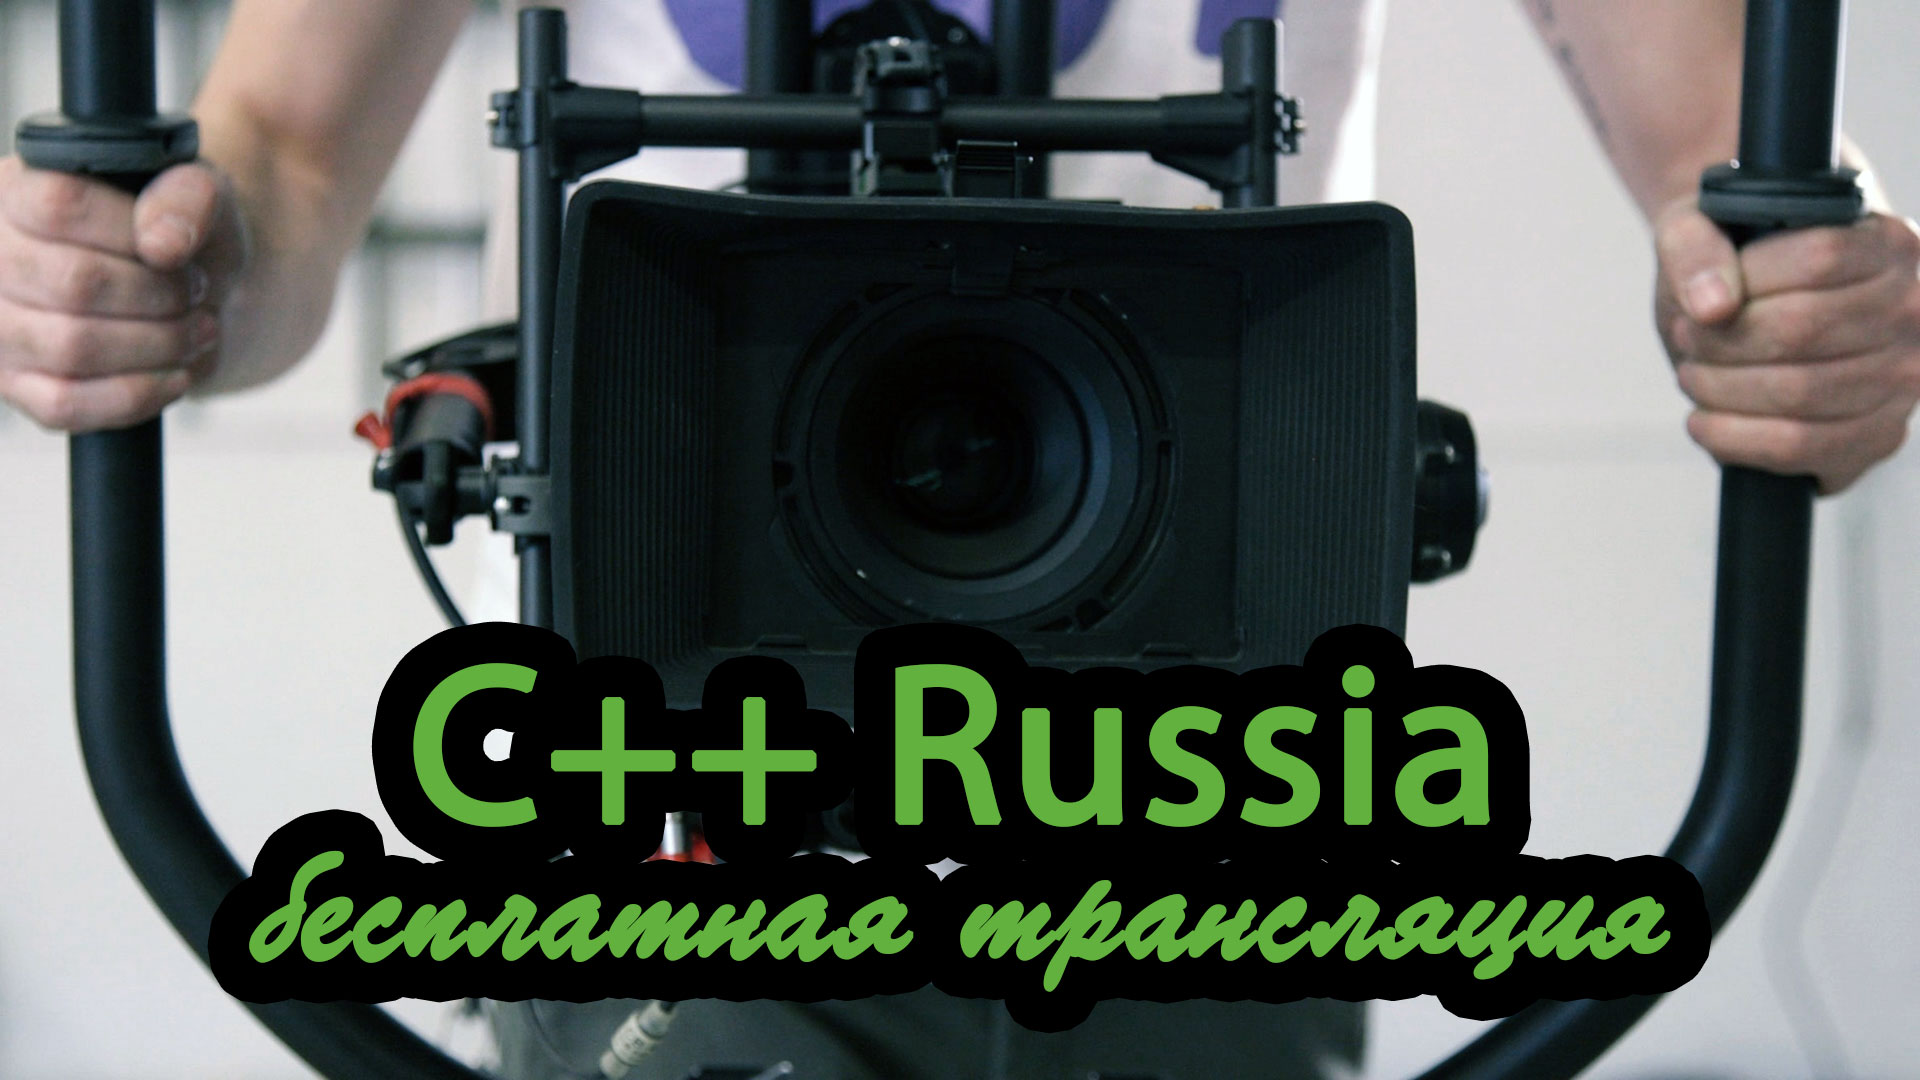 C++ Russia 2019: бесплатная трансляция первого зала и немного о том, что будет на конференции - 1